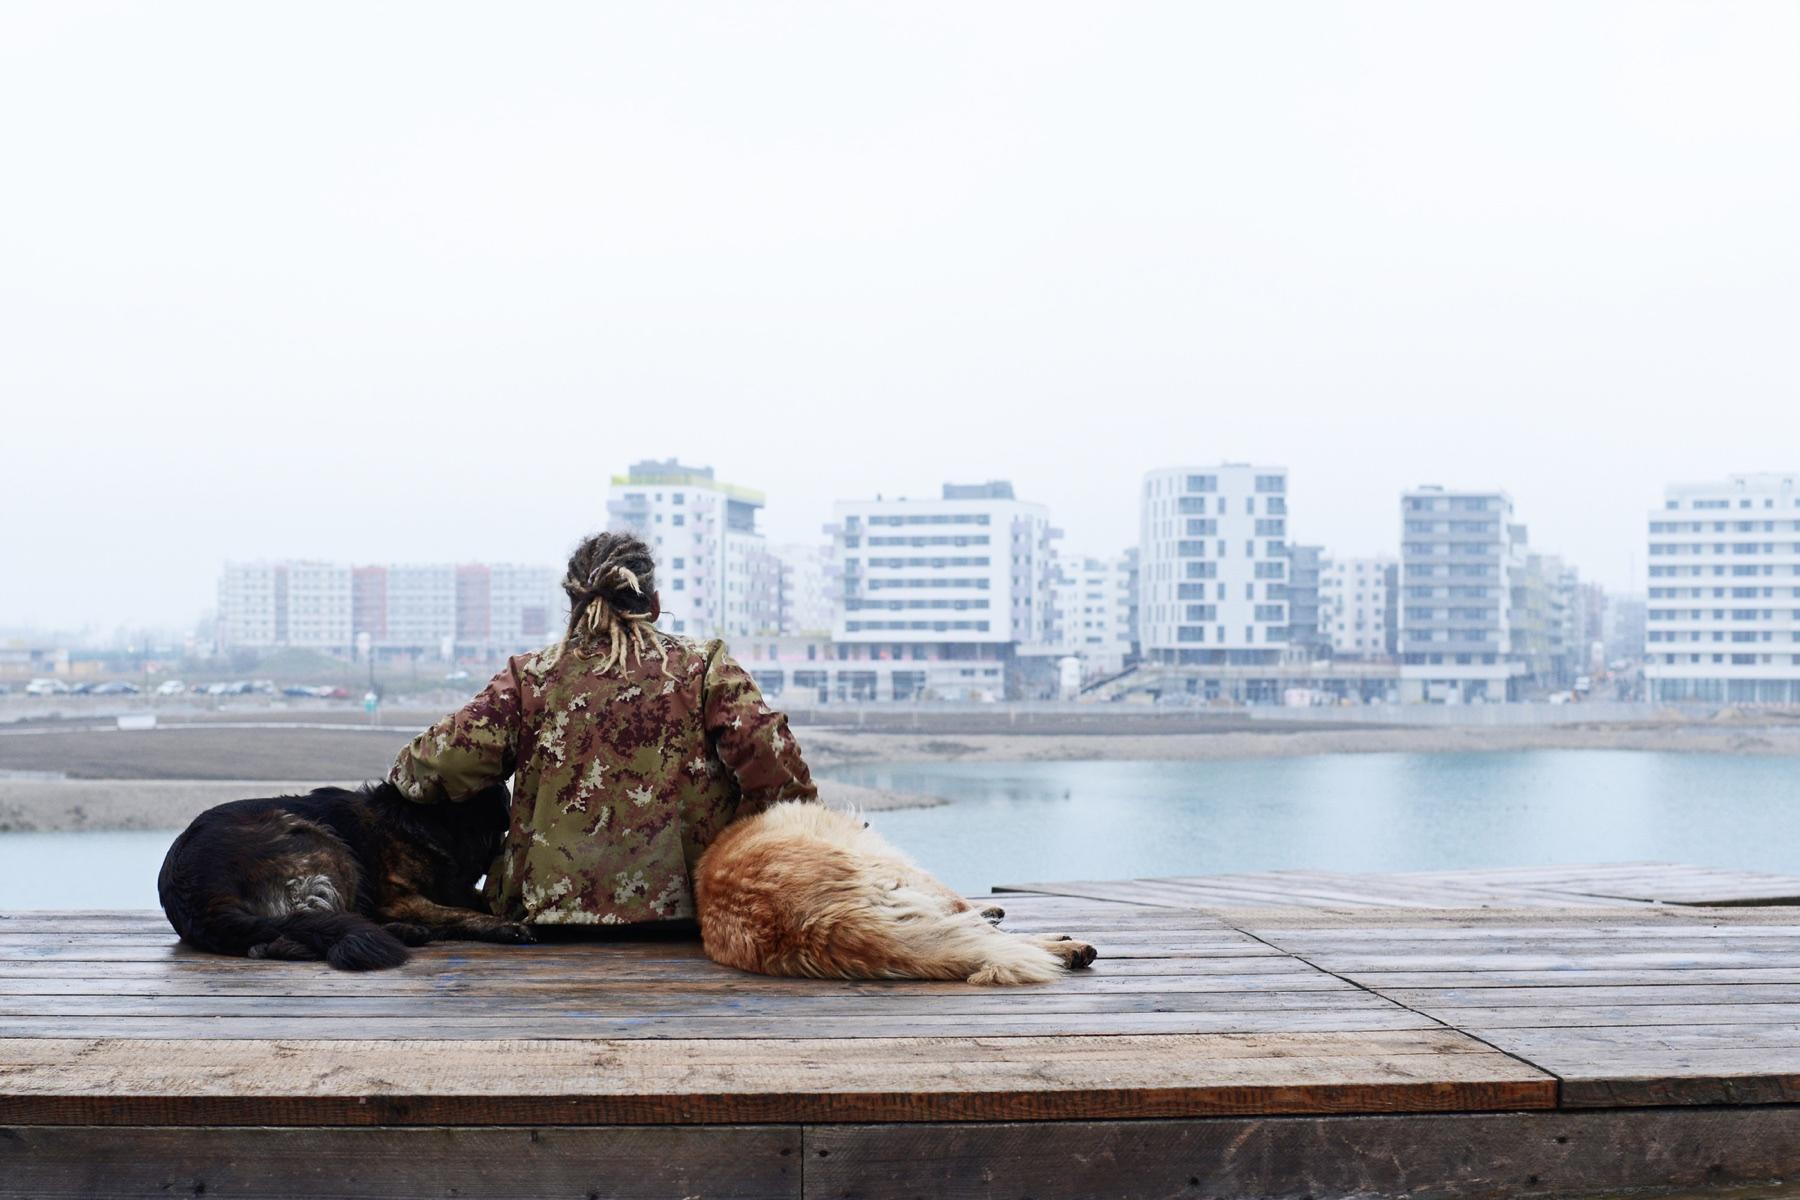 Foto: Sven Wuttej / Helden-von-heute.at